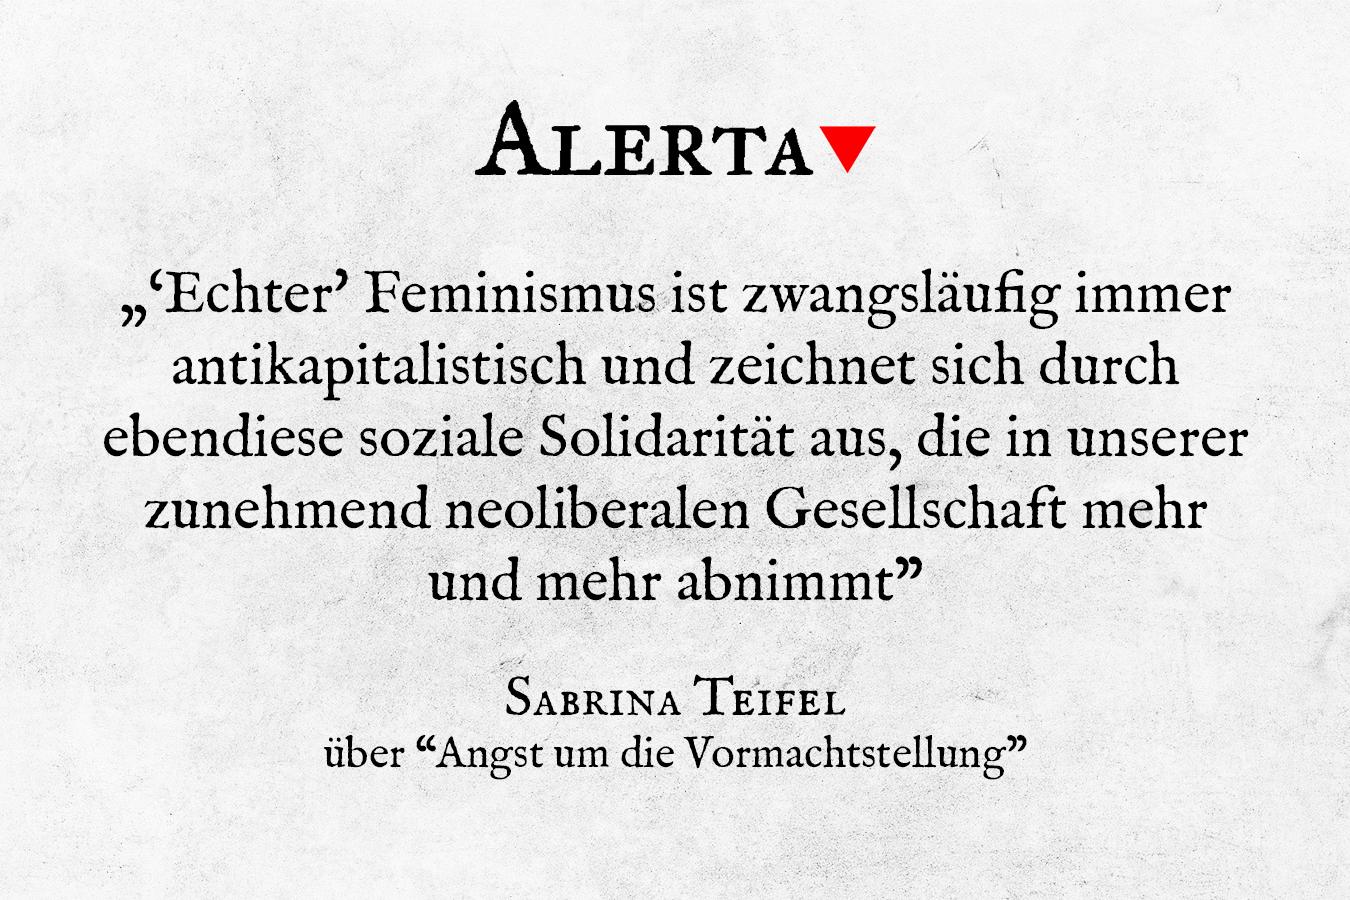 """""""Echter Feminismus ist zwangsläufig immer antikapitalistisch und zeichnet sich durch ebendiese Solidarität aus, die in unserer zunehmend neoliberalen Gesellschaft mehr und mehr abnimmt."""" schreibt Sabrina Teifel über """"Angst um die Vormachtstellung"""" von Rebekka Blum"""